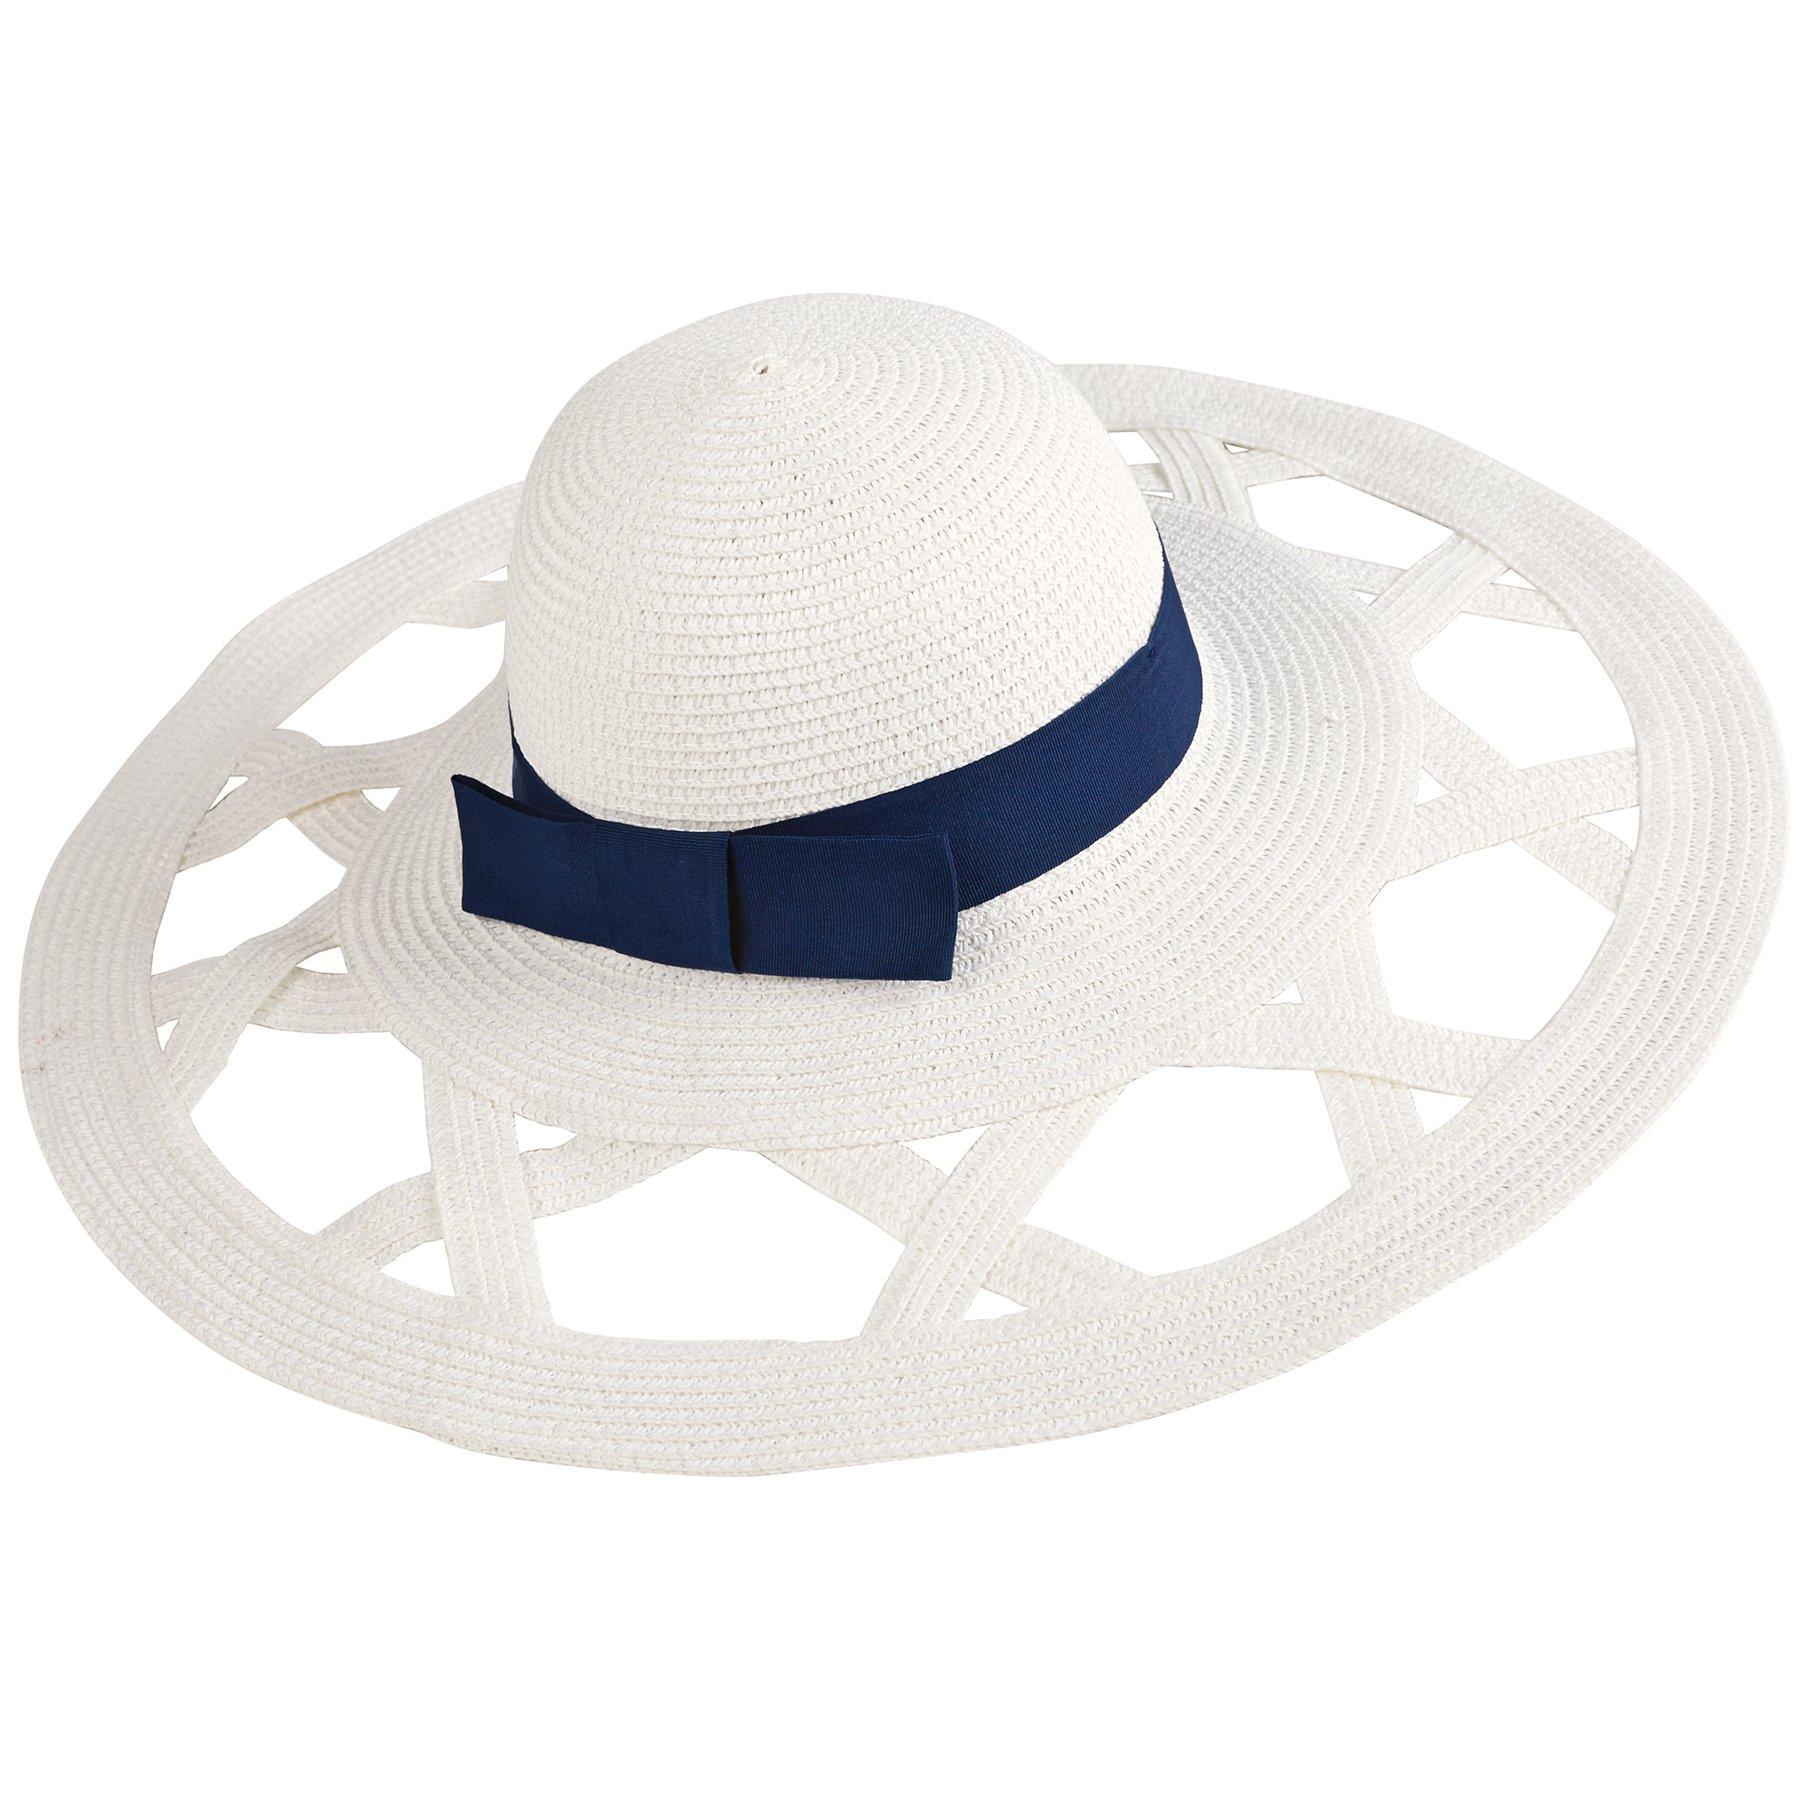 Mud Pie Women's Fashion Casey Sun Hat (White/Navy)